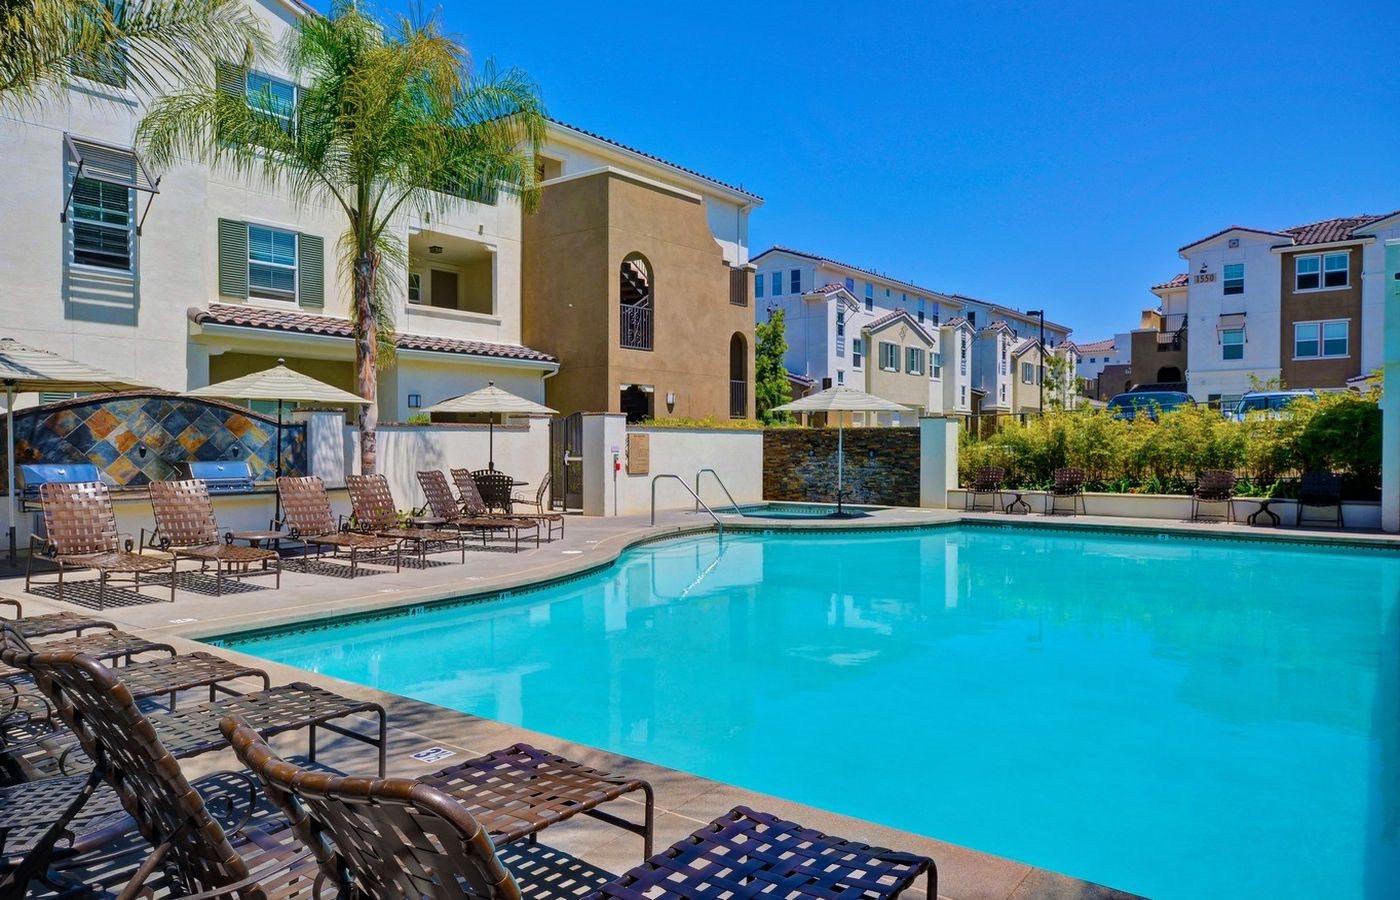 Resort Style Pool and Hot Tub, at Rosina Vista, Chula Vista, 91913